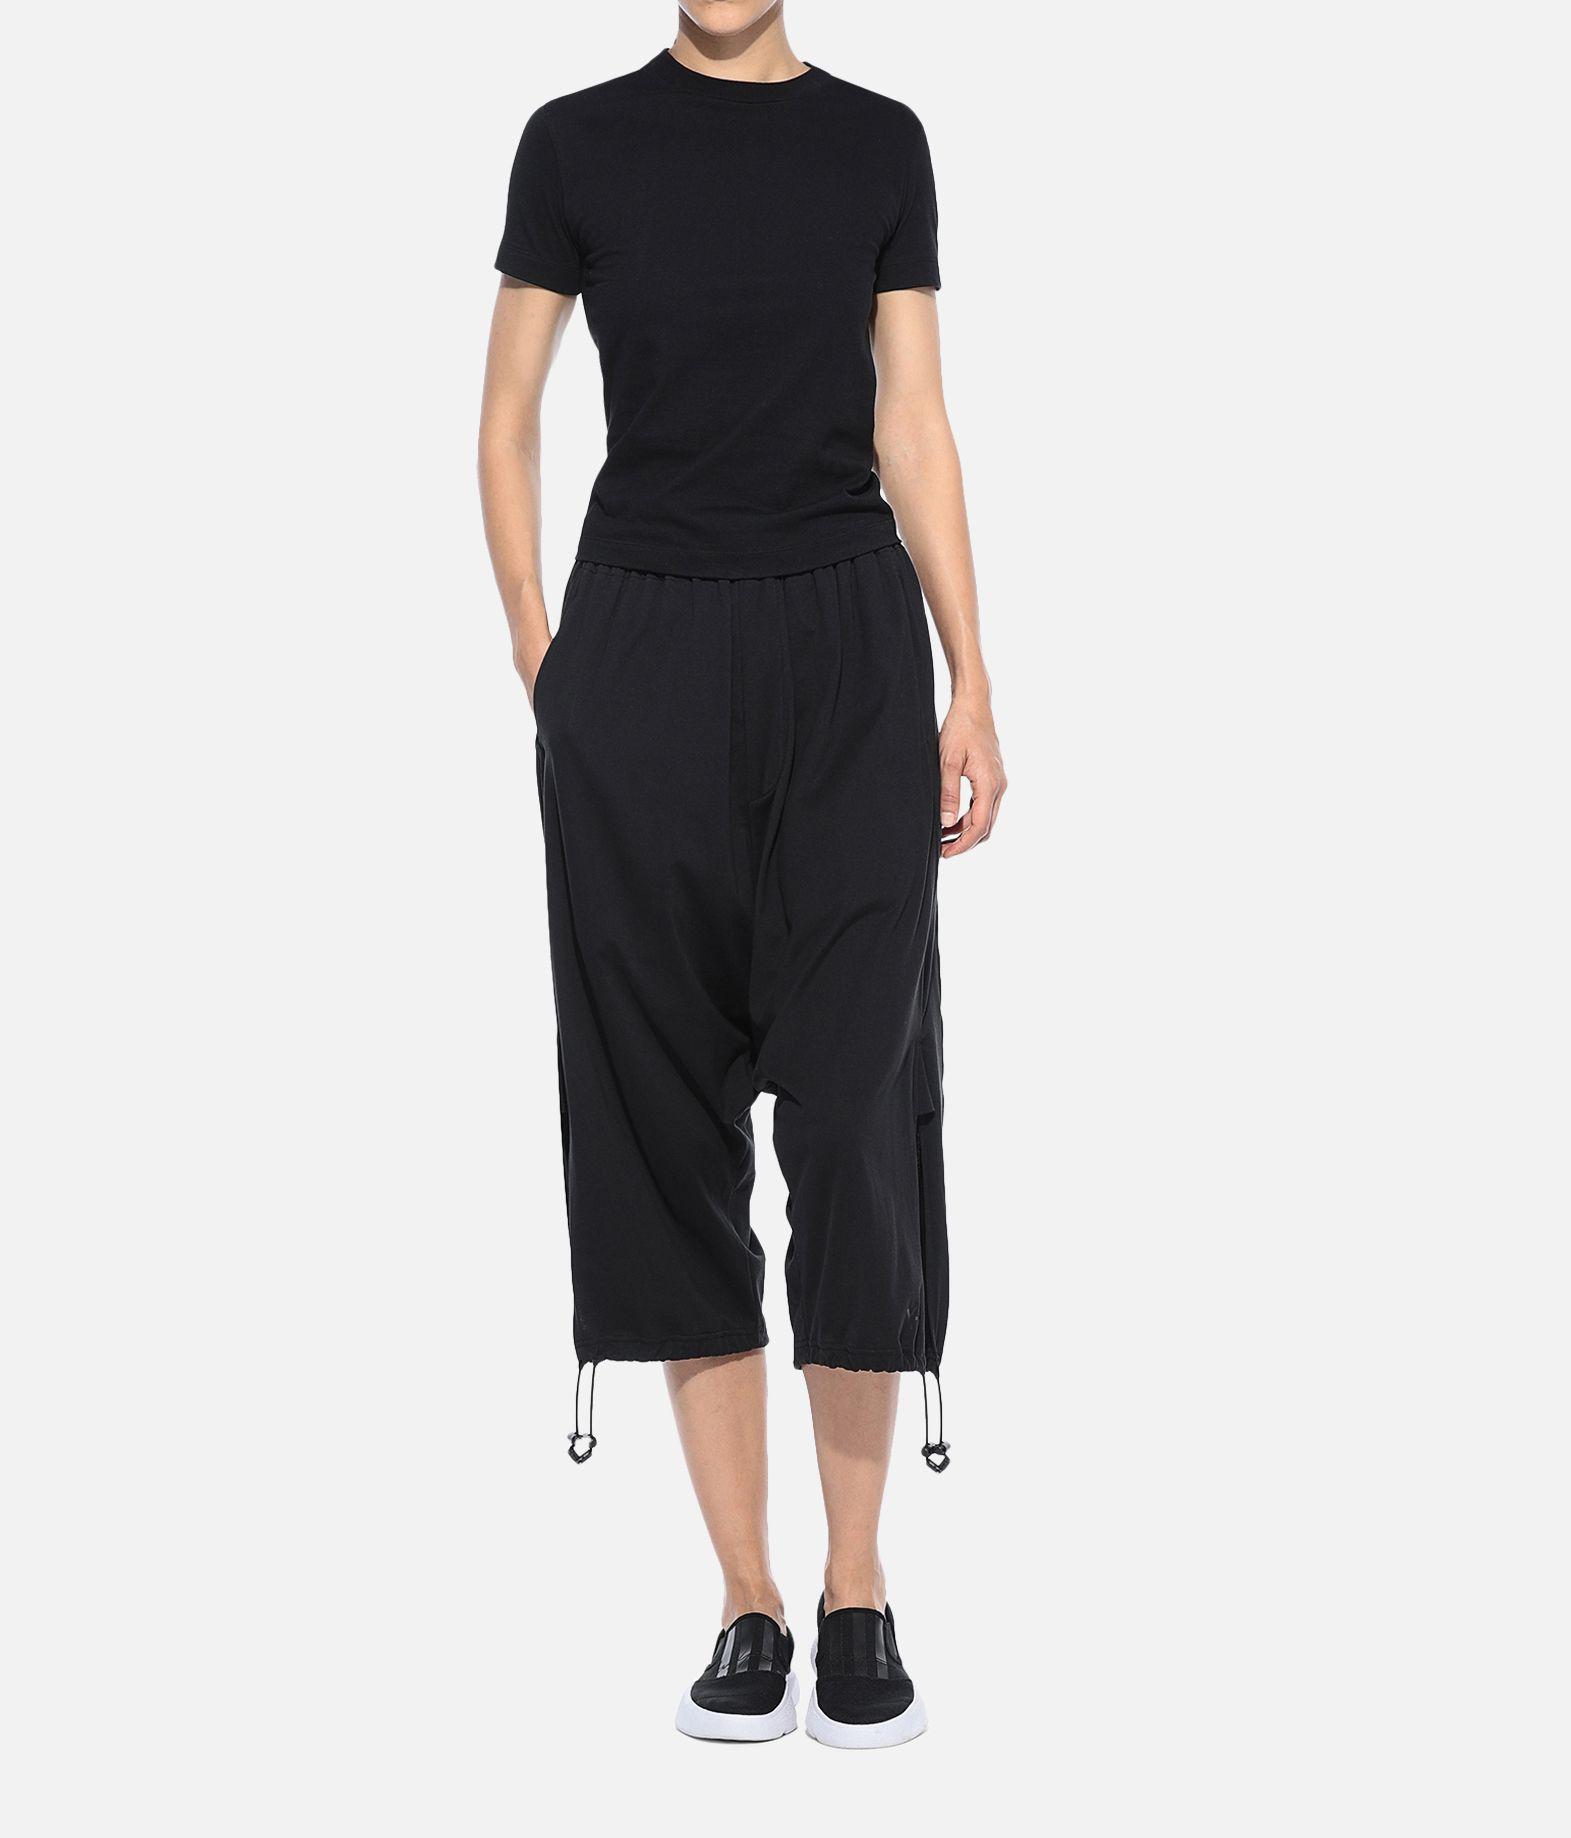 Y-3 Y-3 Drawstring 3/4 Pants  クロップドパンツ レディース a